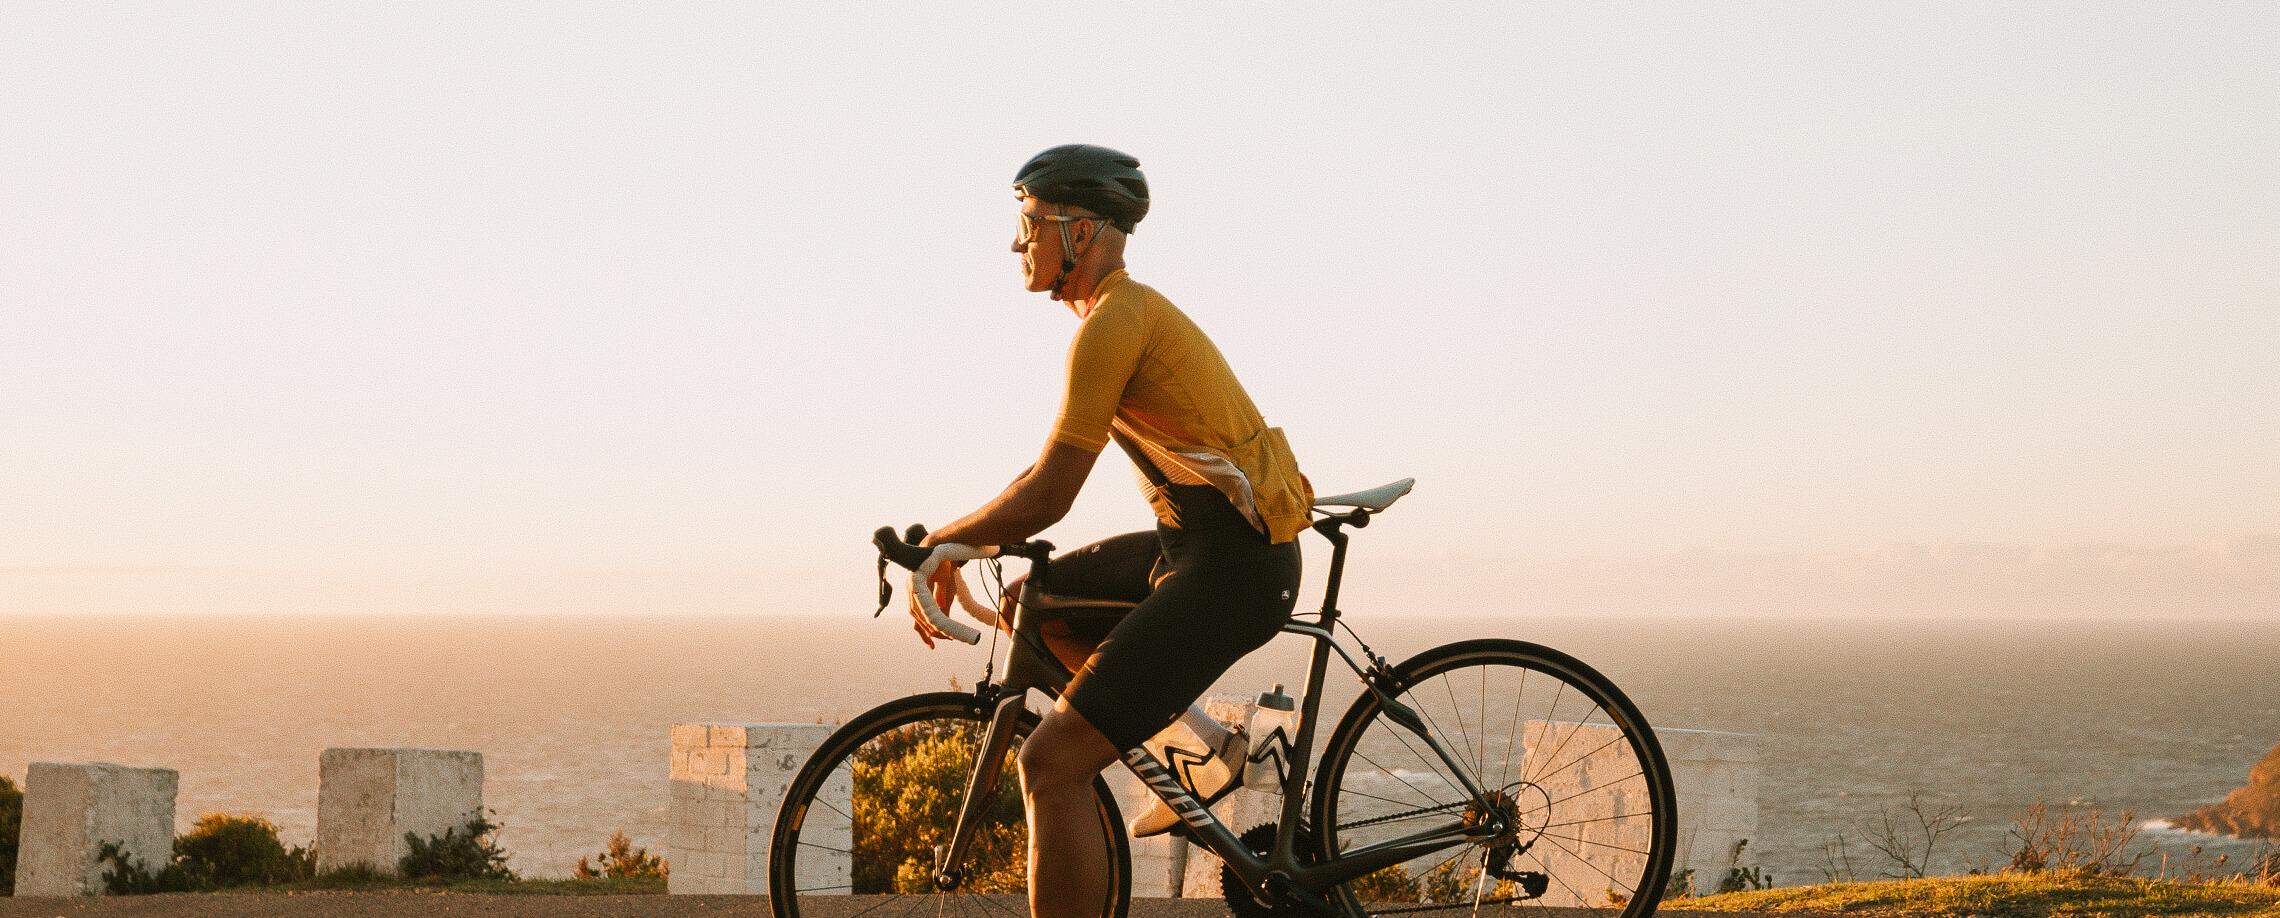 giordana-cycling-ss21-jersey-guide-men-hero-1